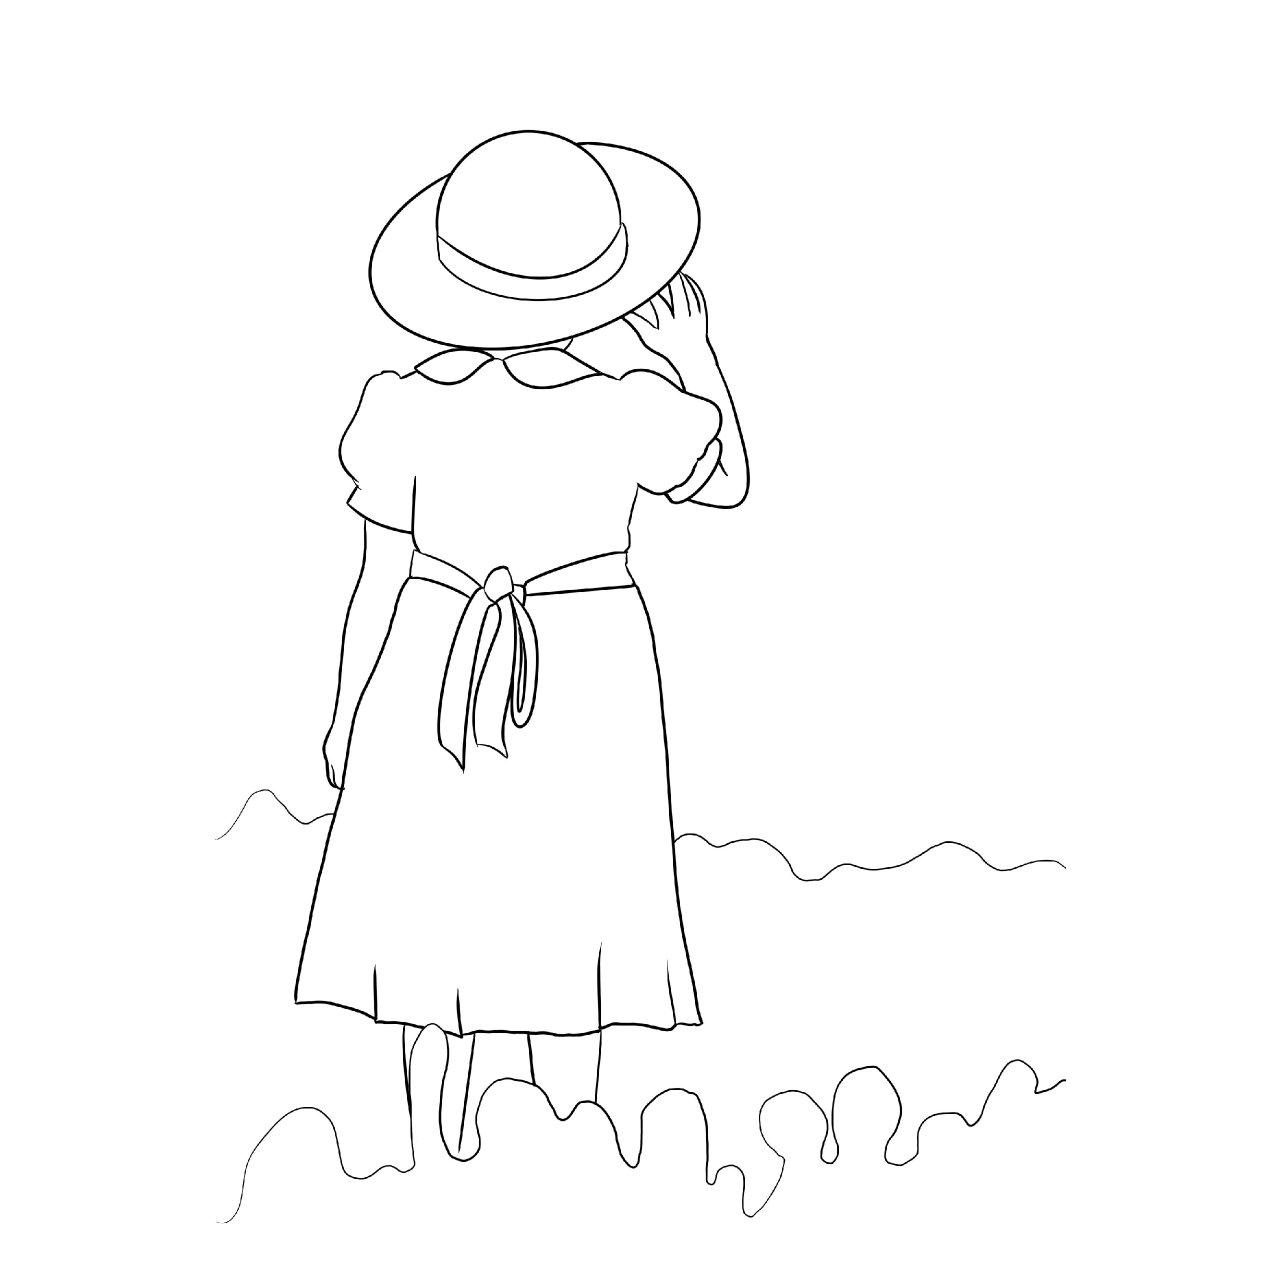 holly hobbie bonnet traceable